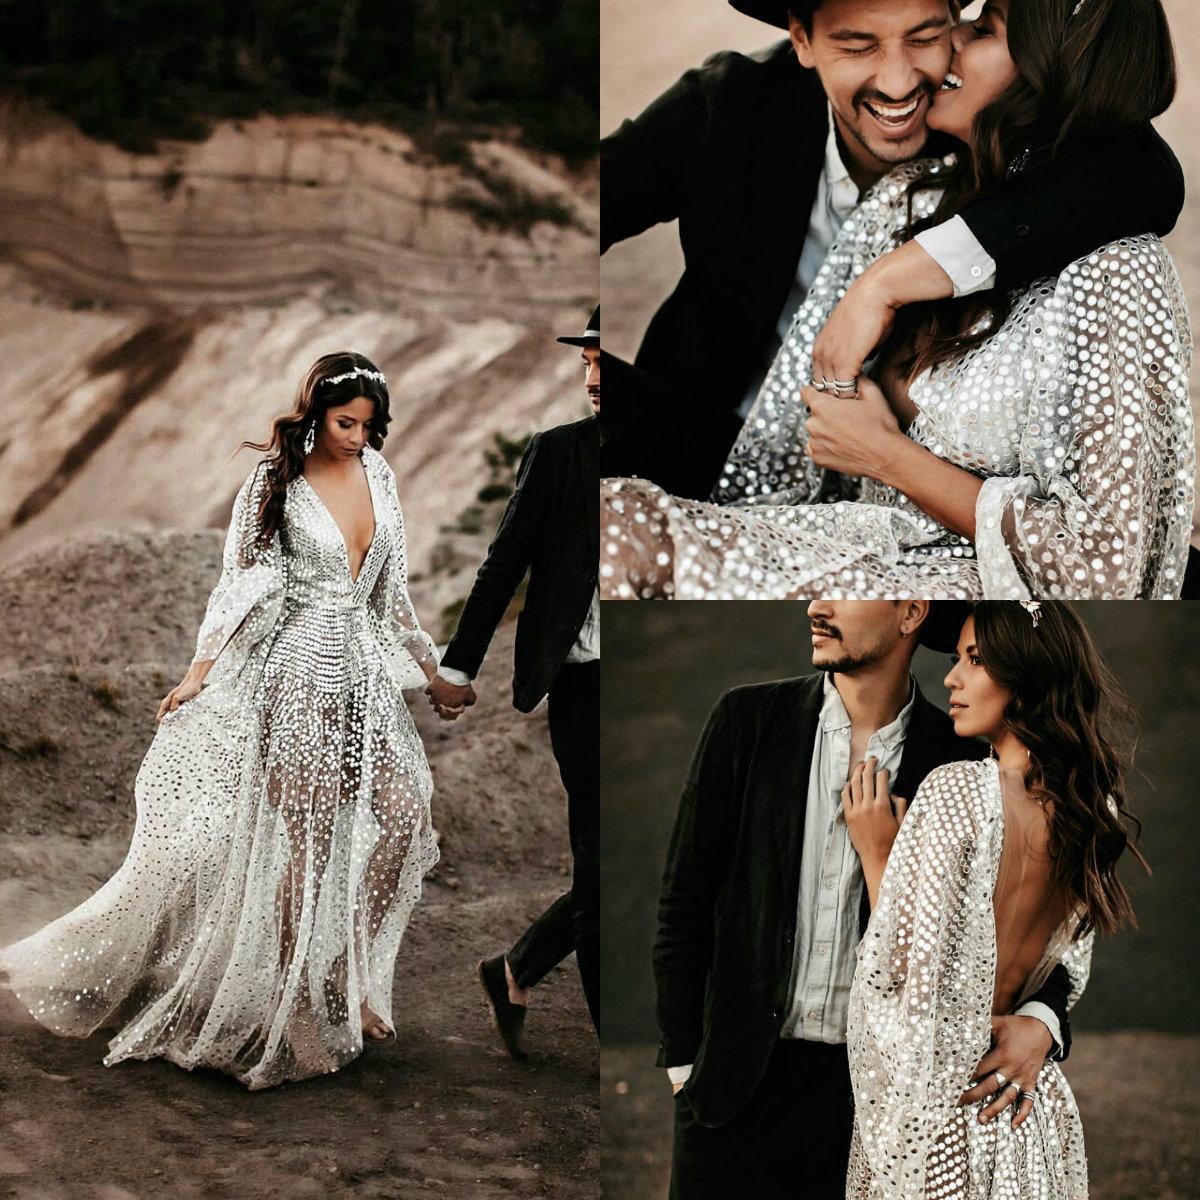 Новый артистический Свадебные платья Глубокий V шеи Блестки шнурка Backless линия Boho свадебное платье сшитое Плюс Размер Свадебные платья